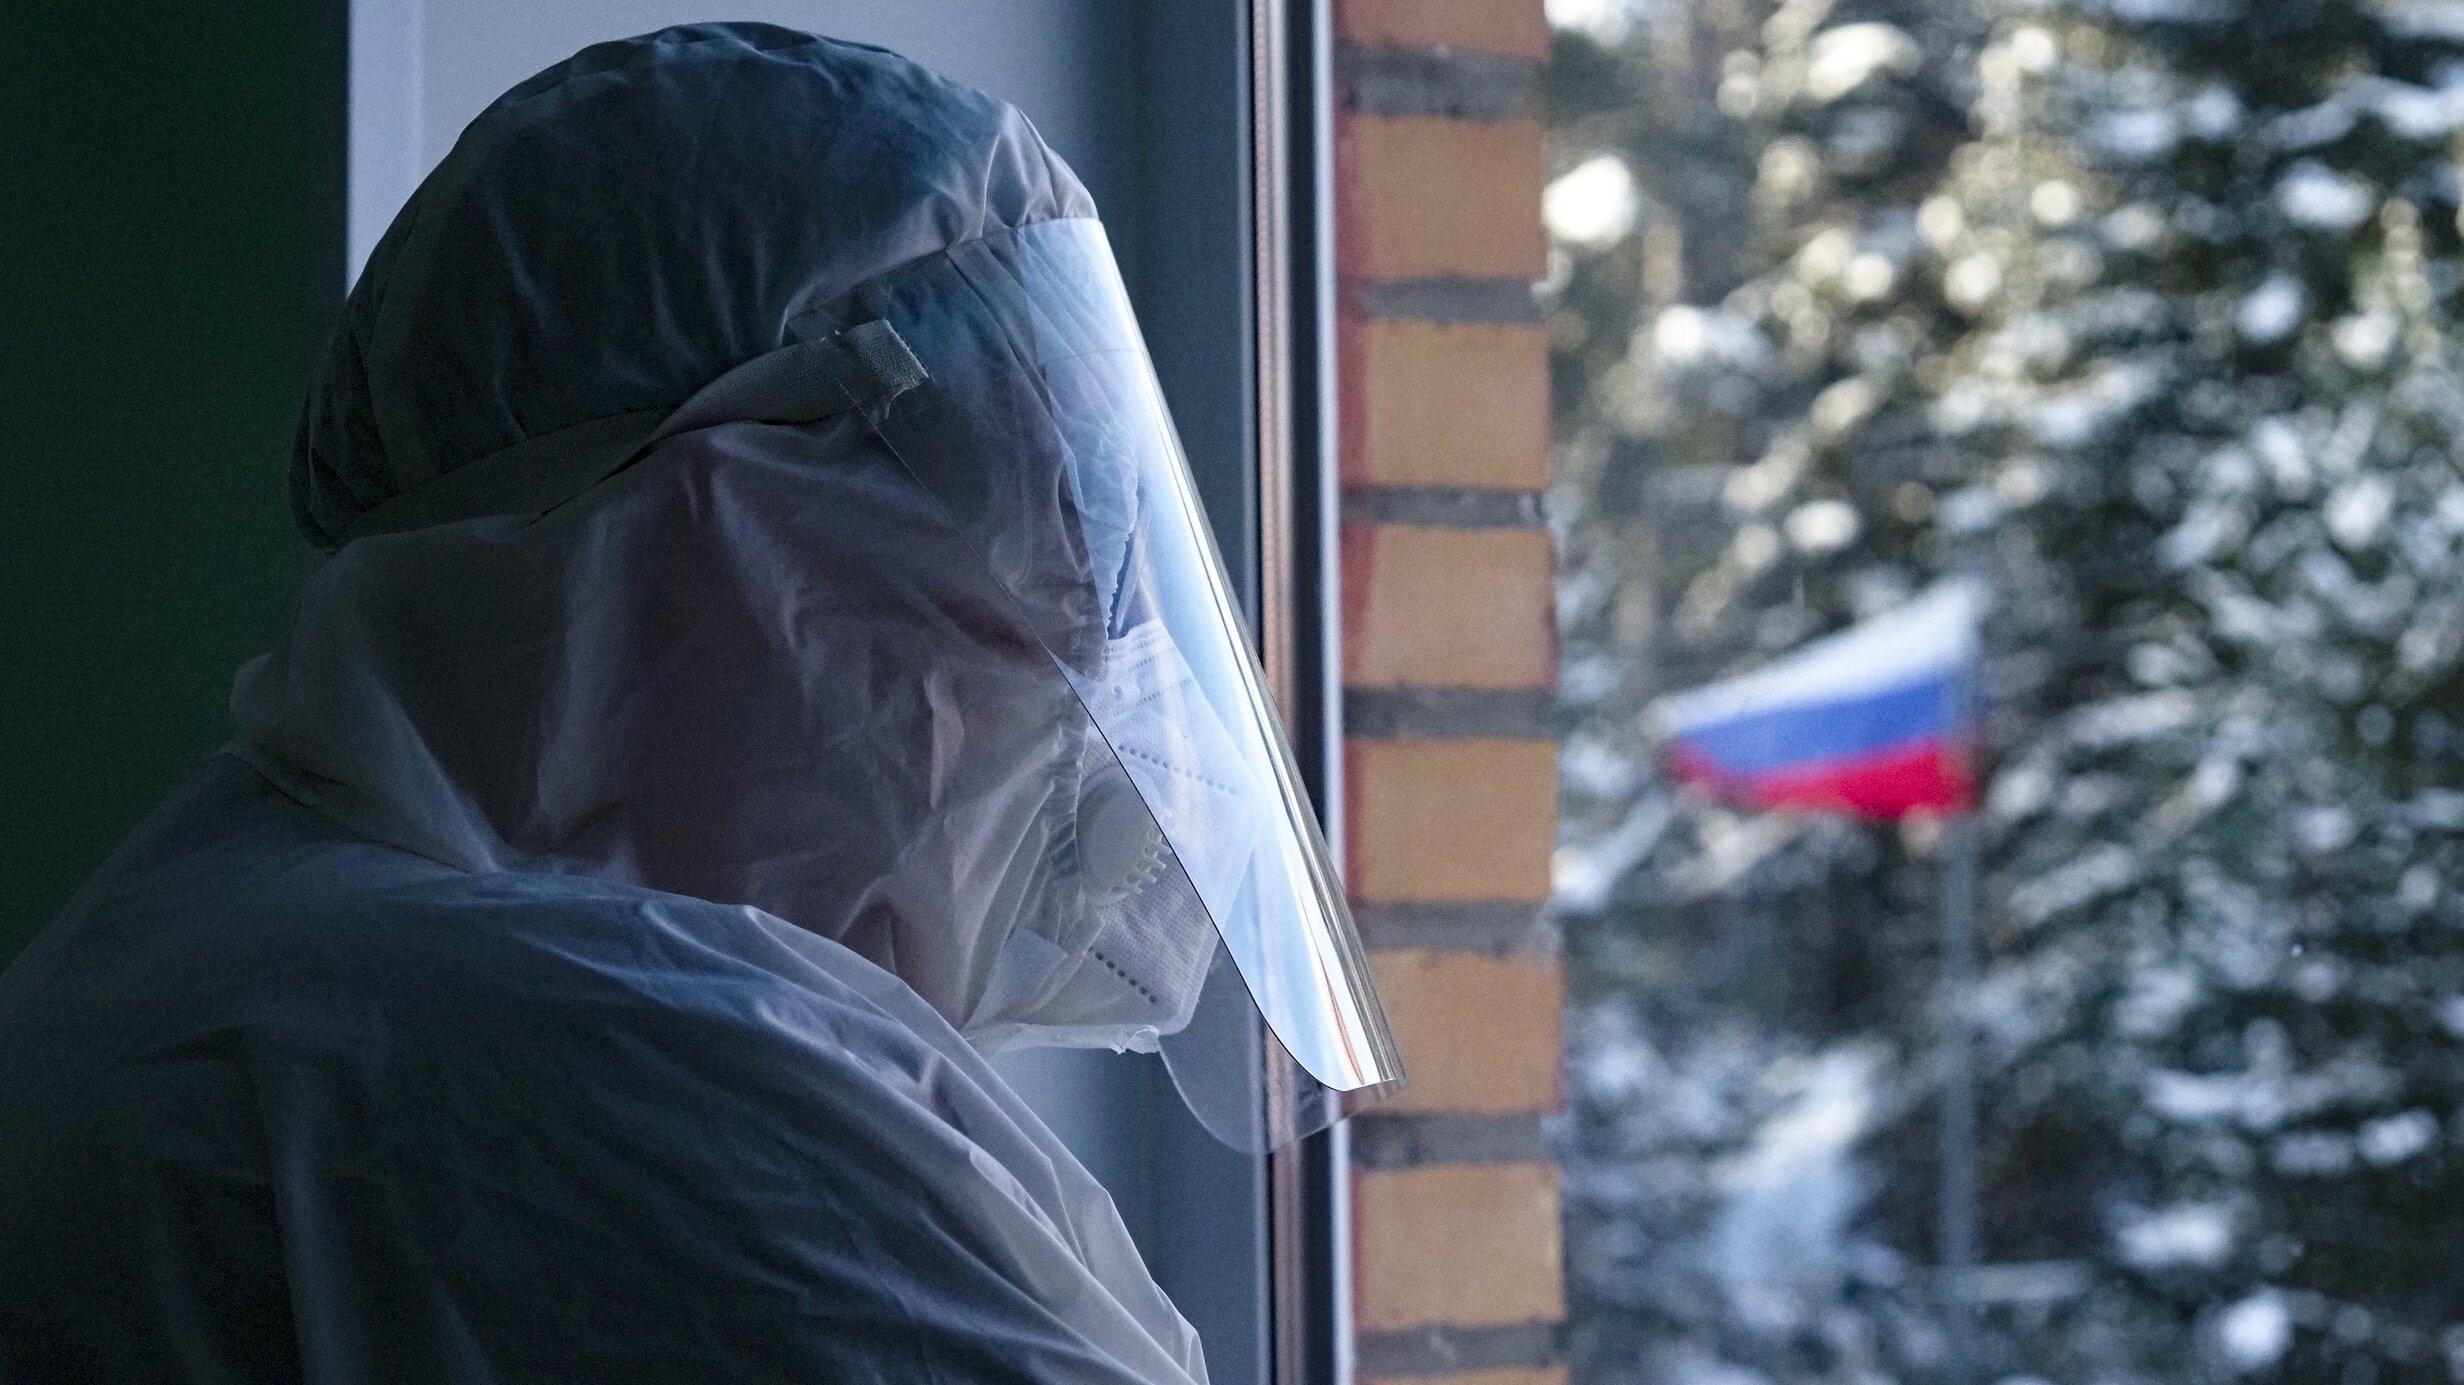 Două treimi dintre ruși refuză vaccinul Sputnik V și consideră că SARS-Cov-2 este o armă biologică